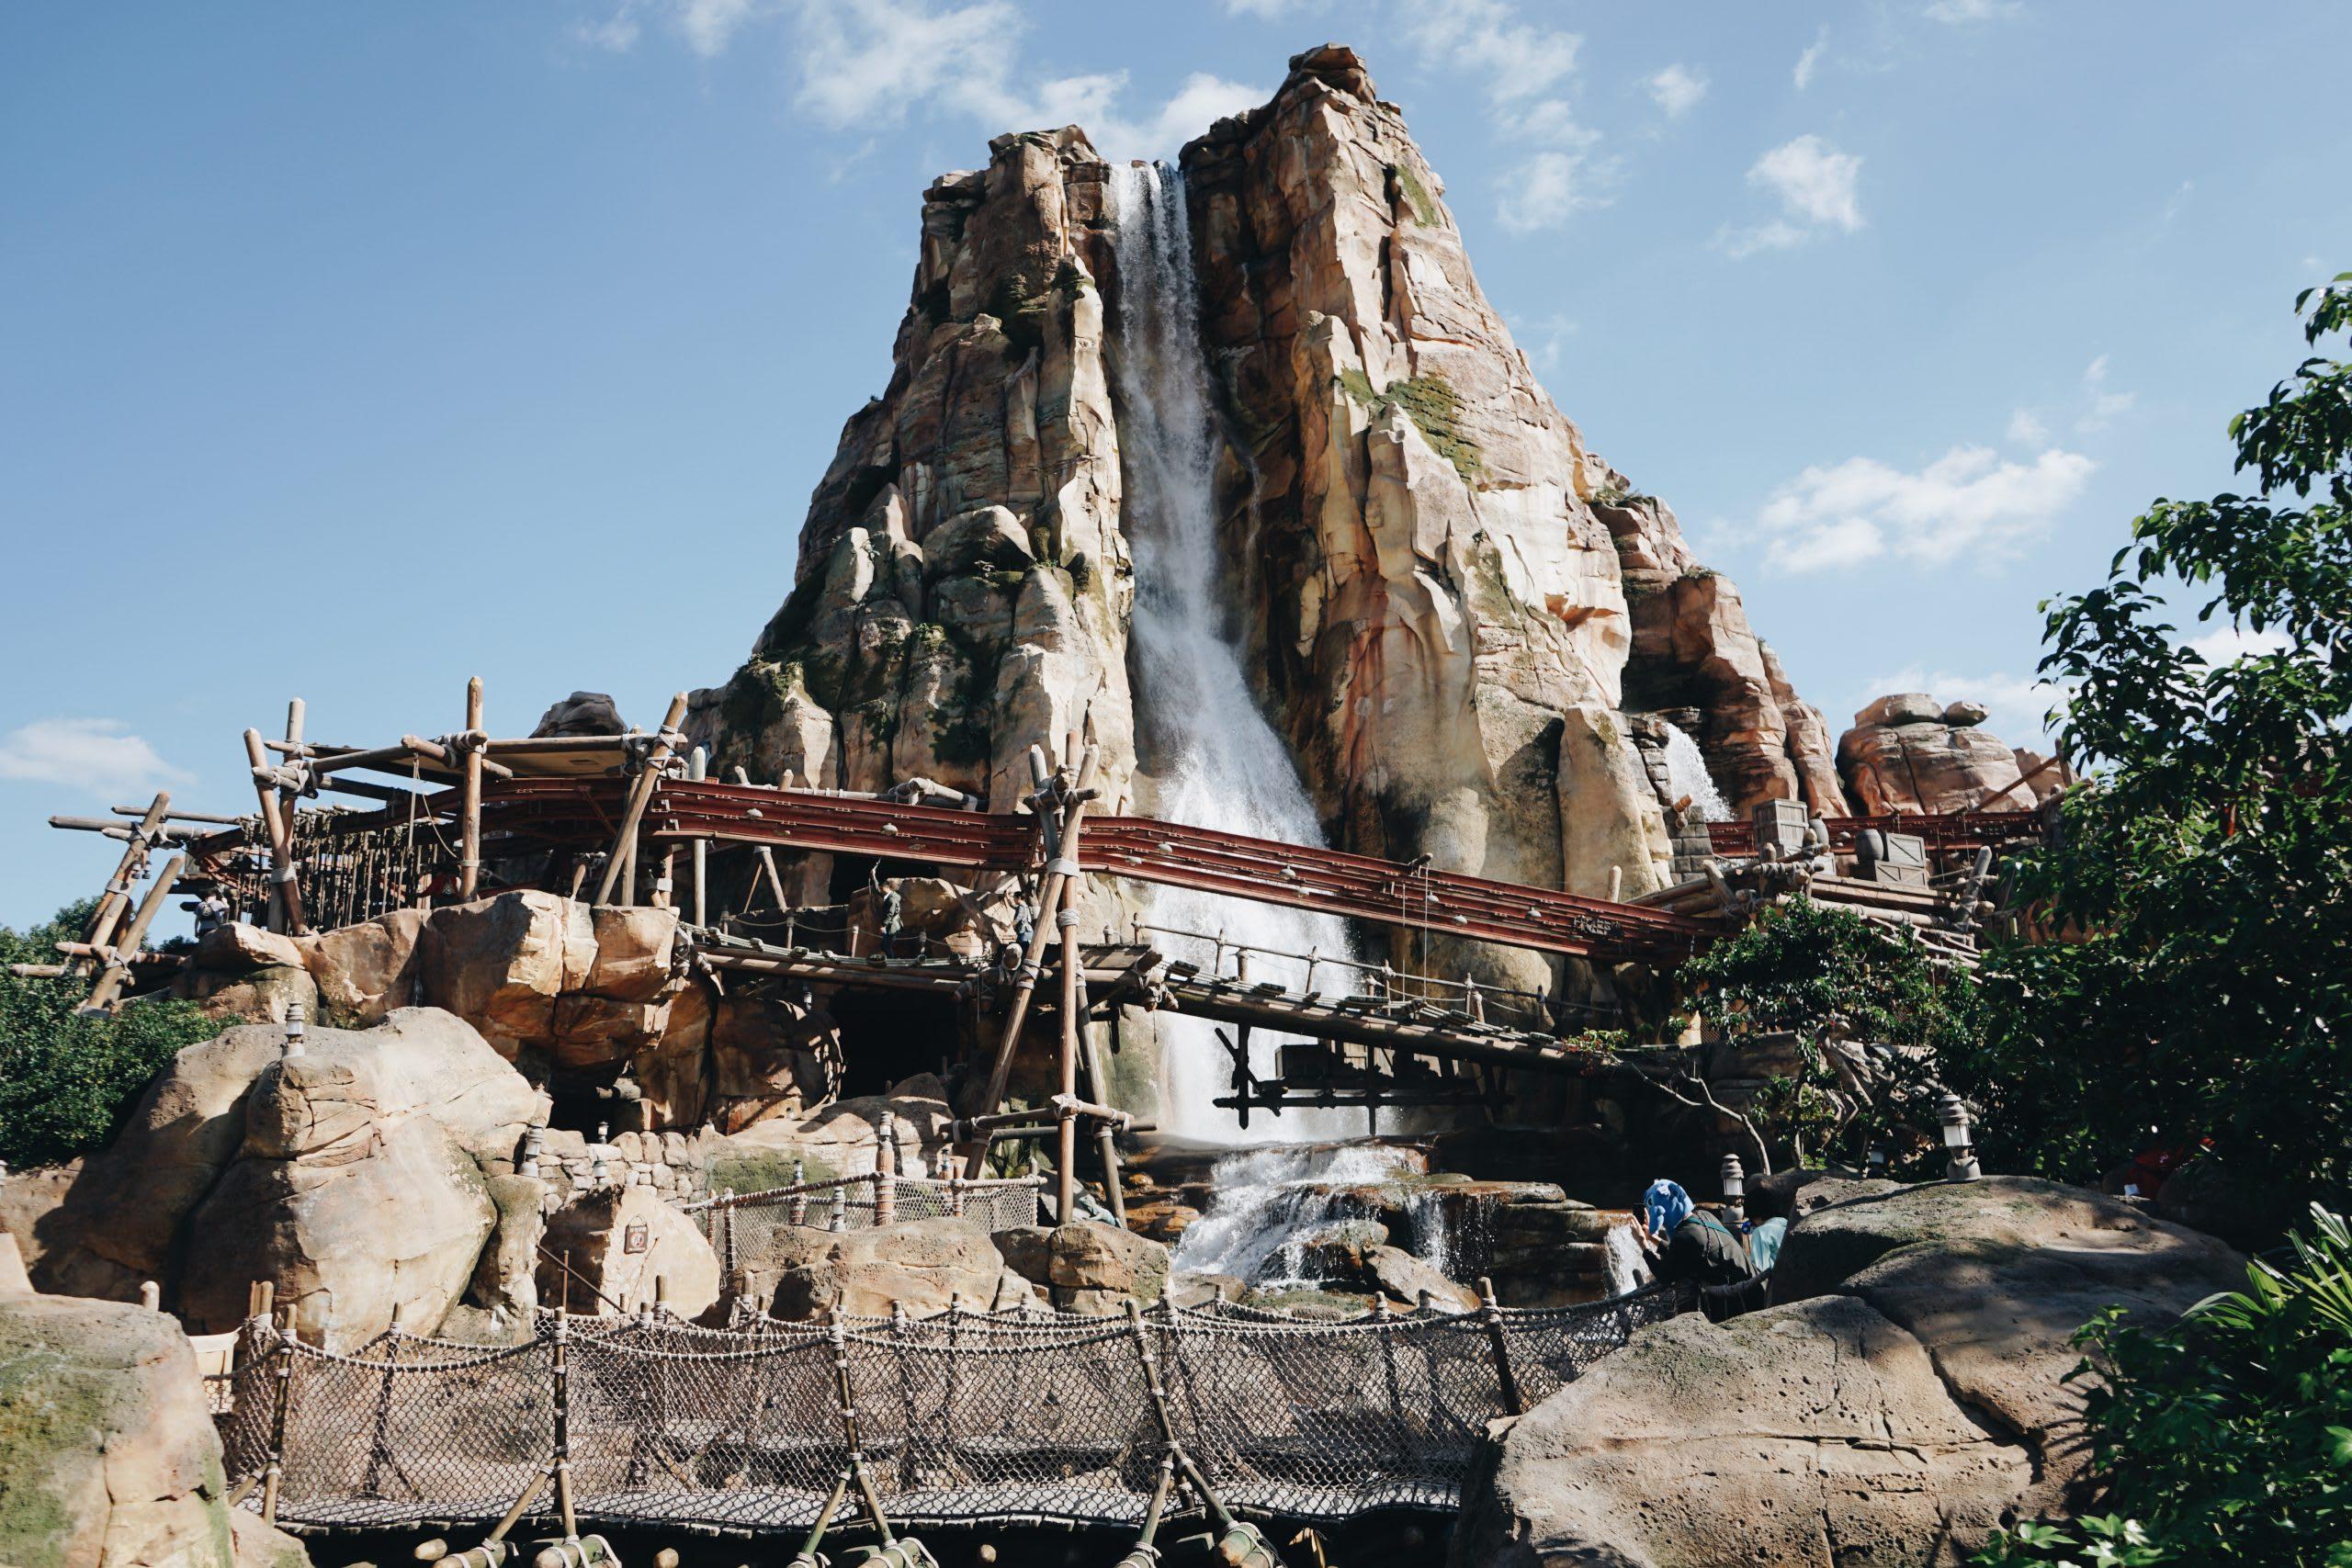 【上海迪士尼樂園攻略】與米奇和公主們近距離接觸! - Klook Blog